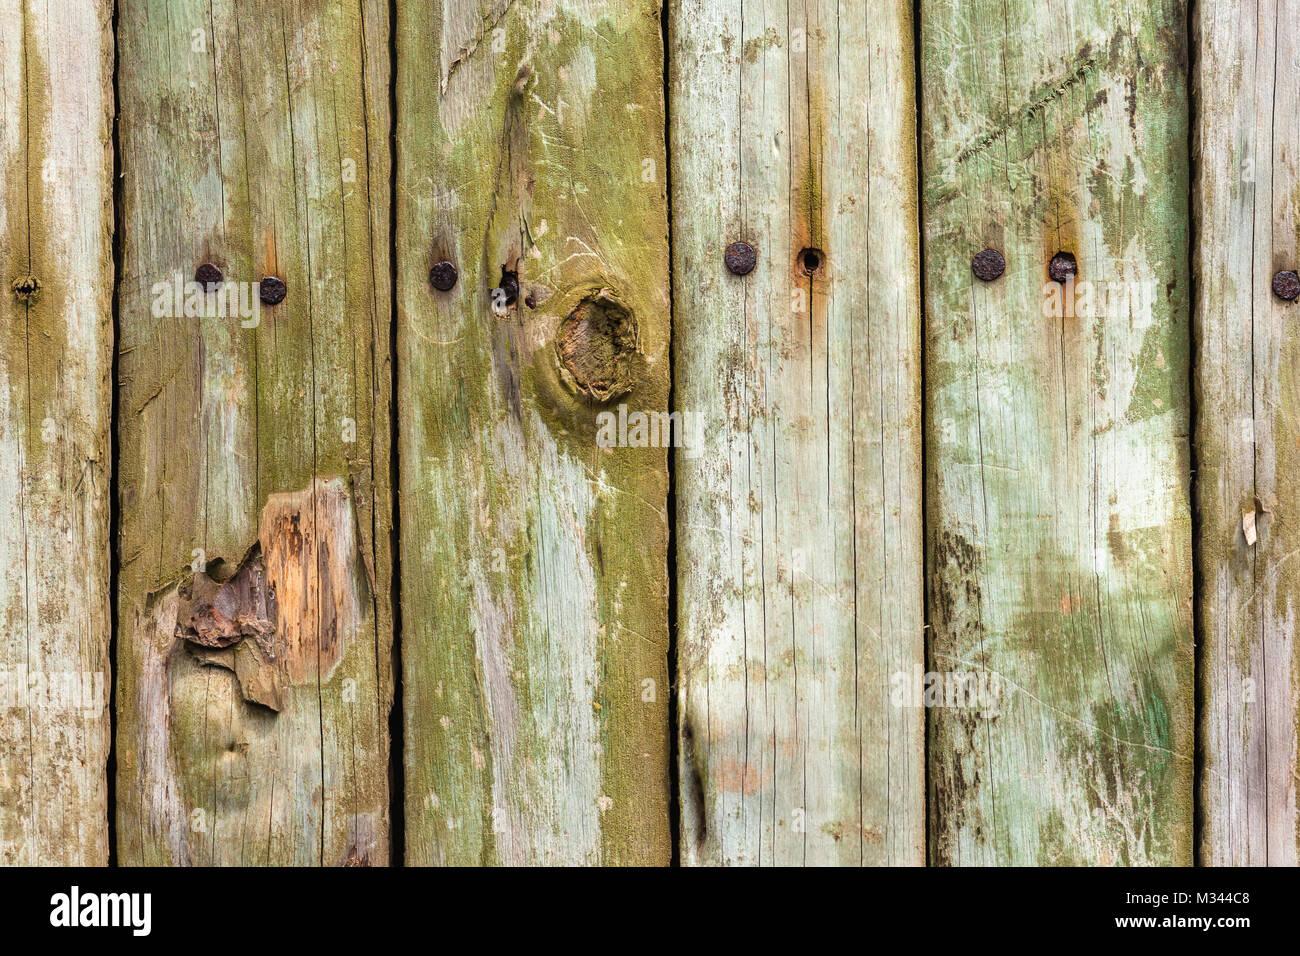 Holz Zaun Lamelle Lamellen Closeup Abschnitt Mit Metall Nagel Pilz